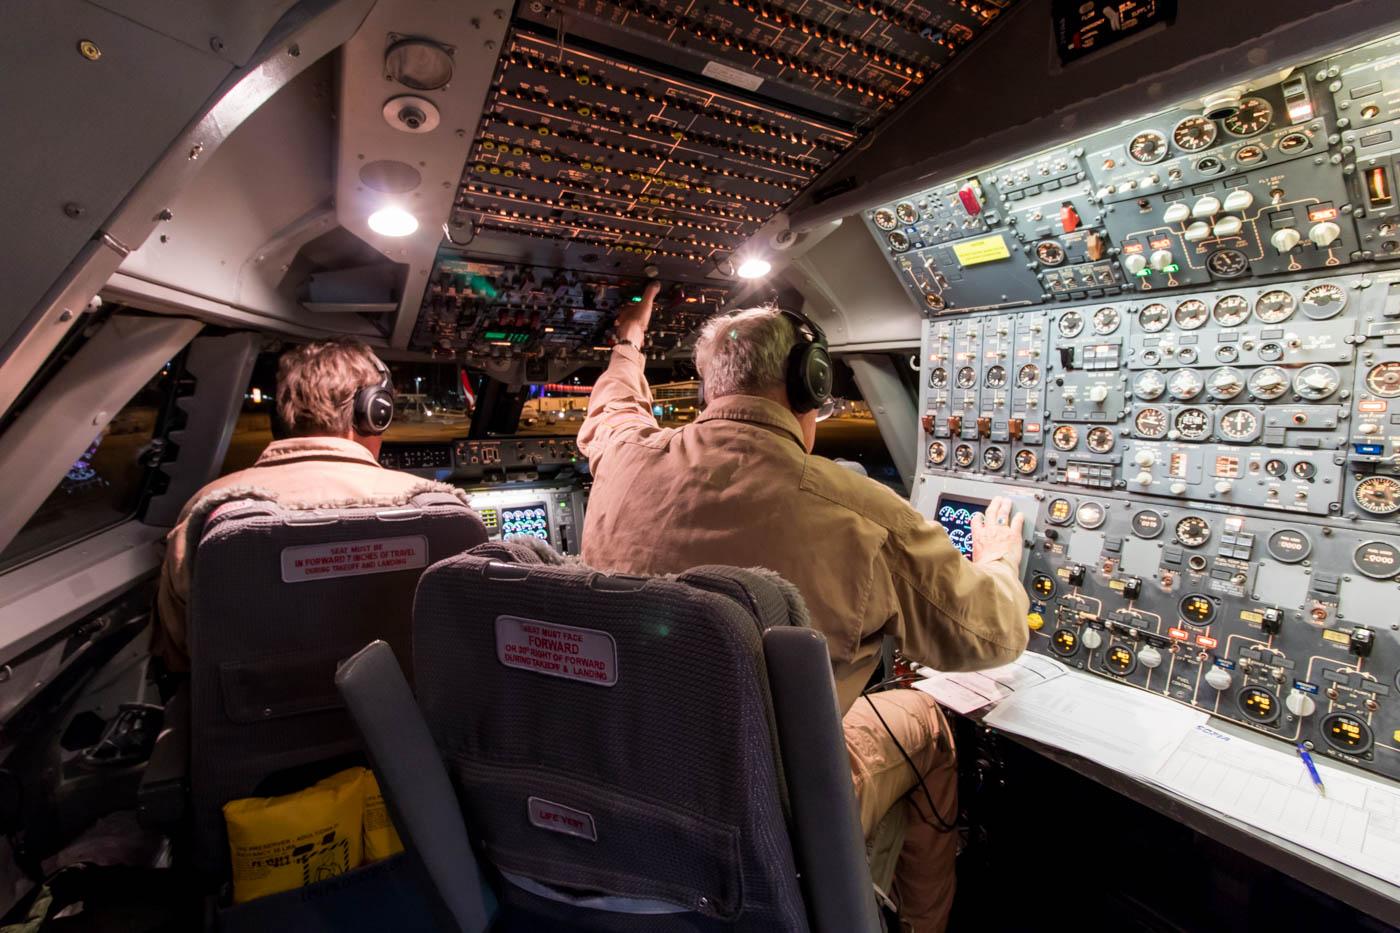 NASA SOFIA 747SP Cockpit